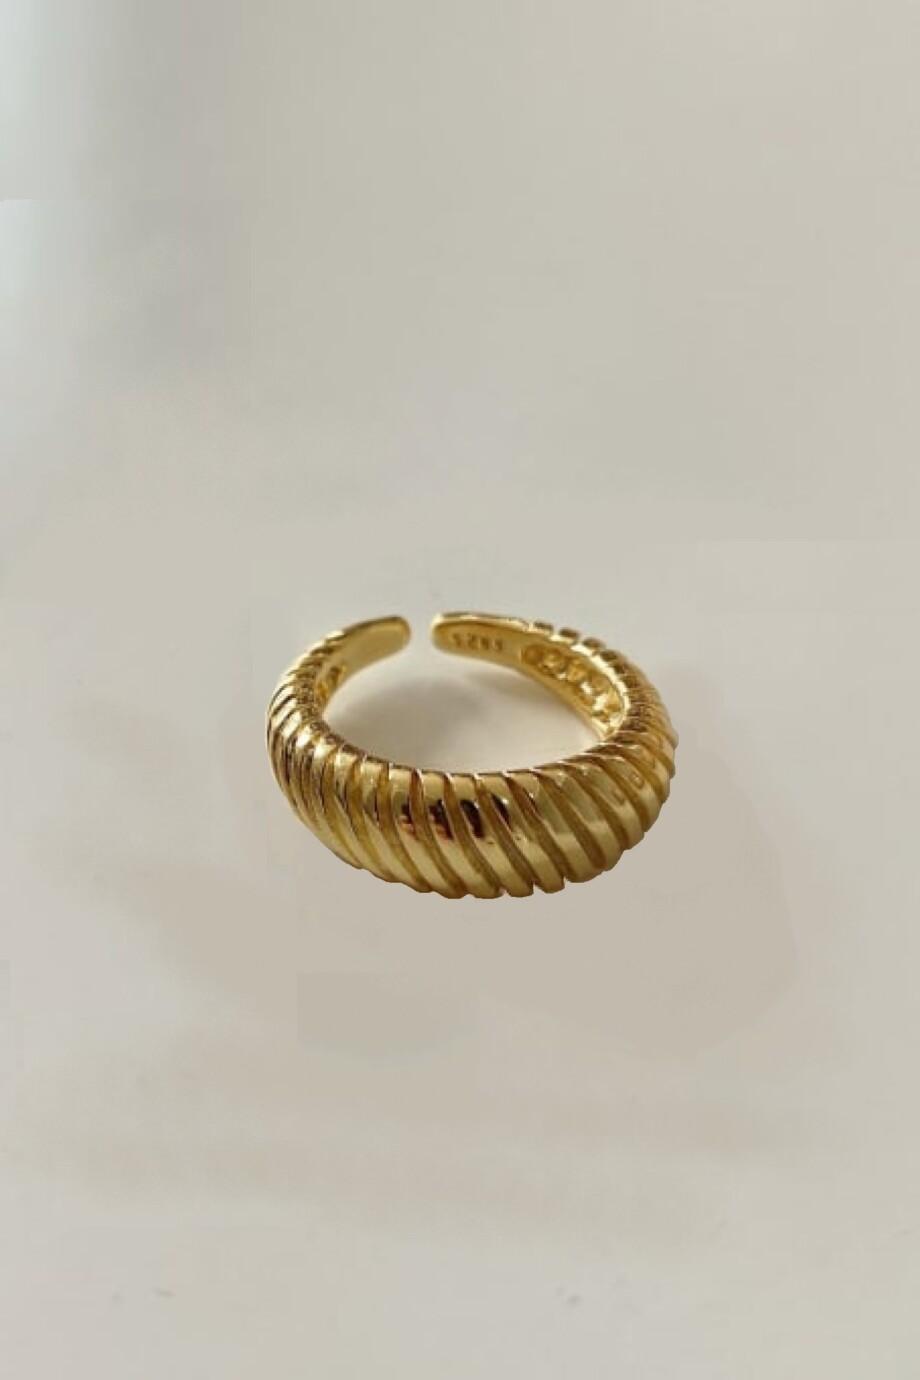 Gouden ring 'Twist' van Goud op Zilver